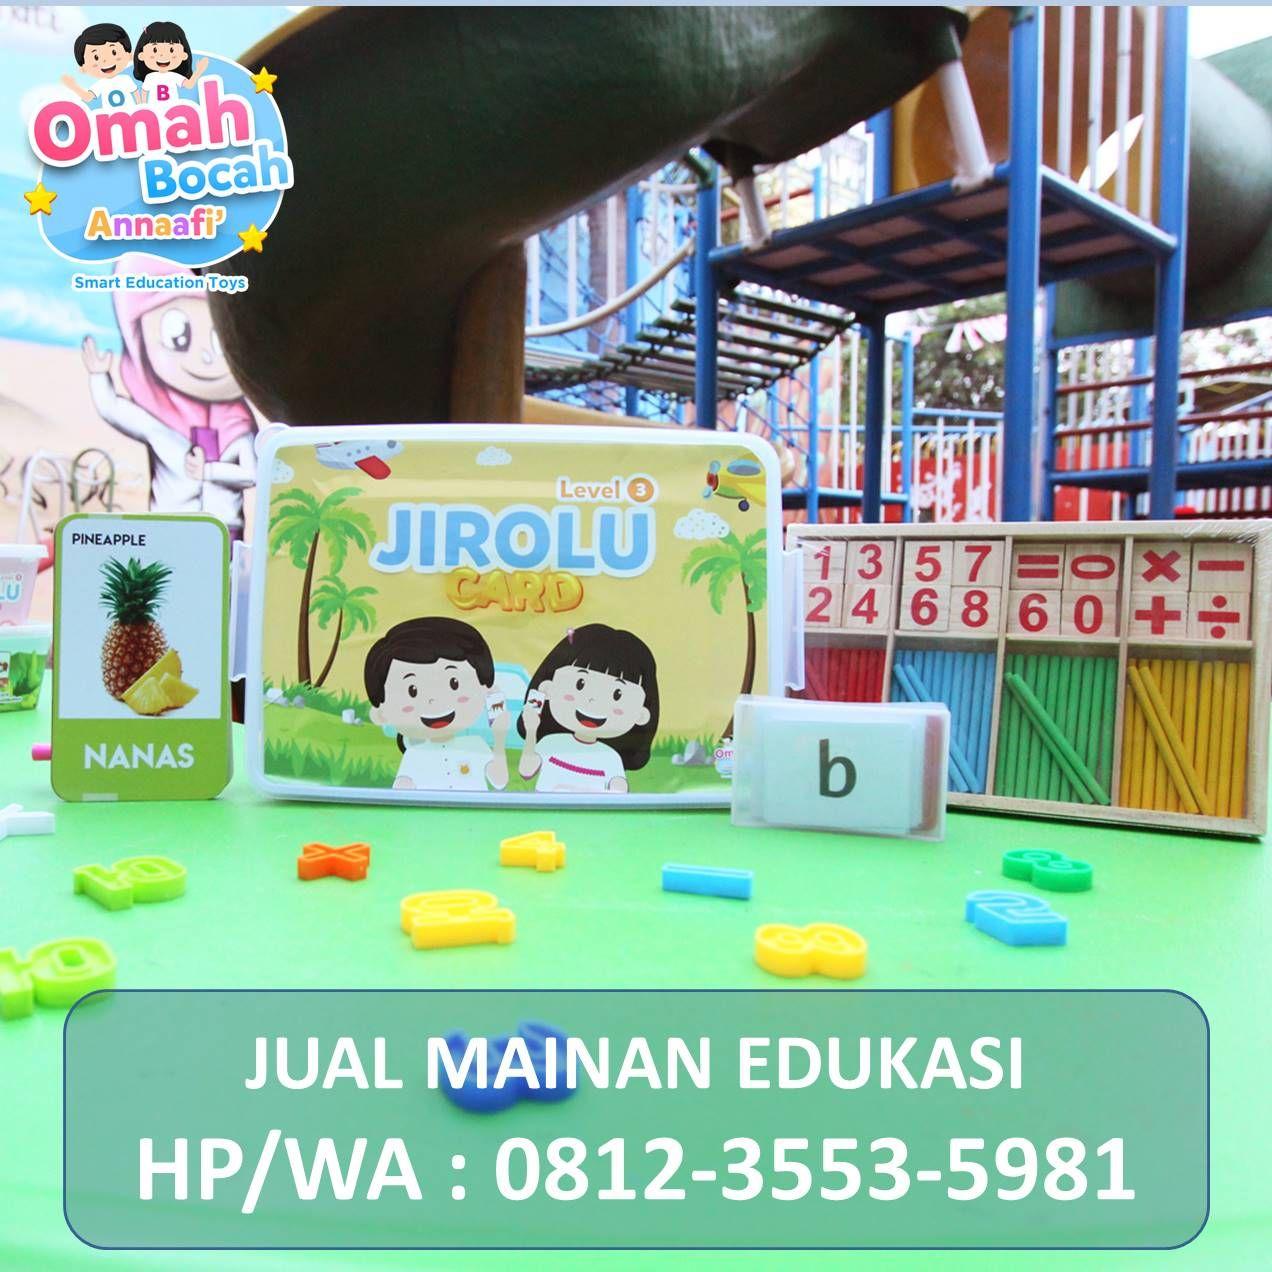 Jual Permainan Edukasi Anak Tlp Wa 0812 3553 5981 Omah Bocah Annaafi Smart Education Toys Malang Di 2020 Mainan Anak Mainan Anak